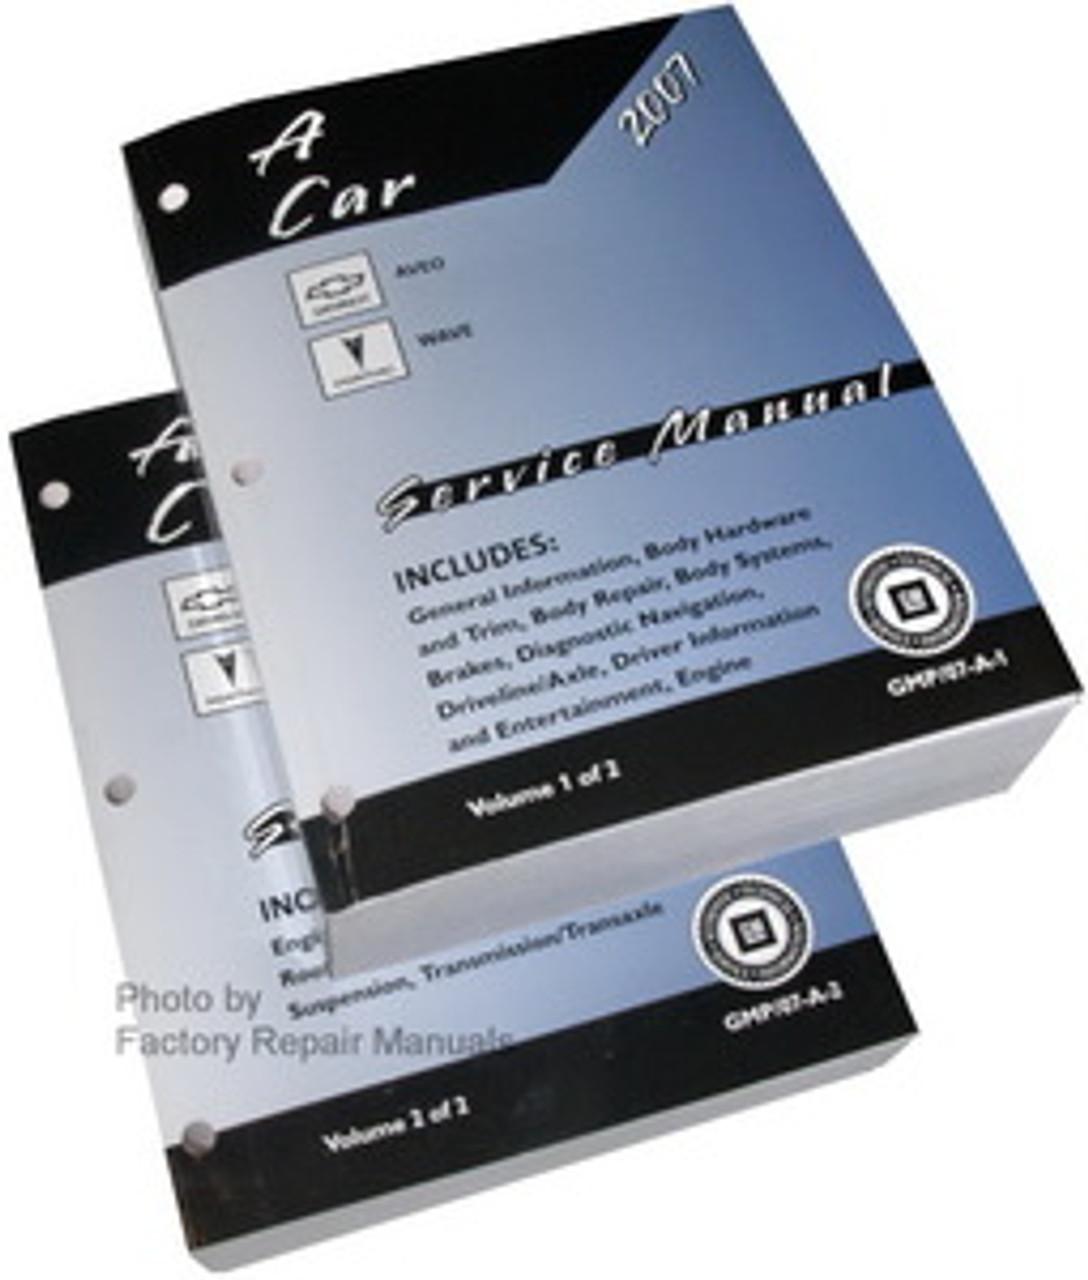 2007 Chevy Aveo  Pontiac Wave Factory Service Manual Set - Original Shop Repair